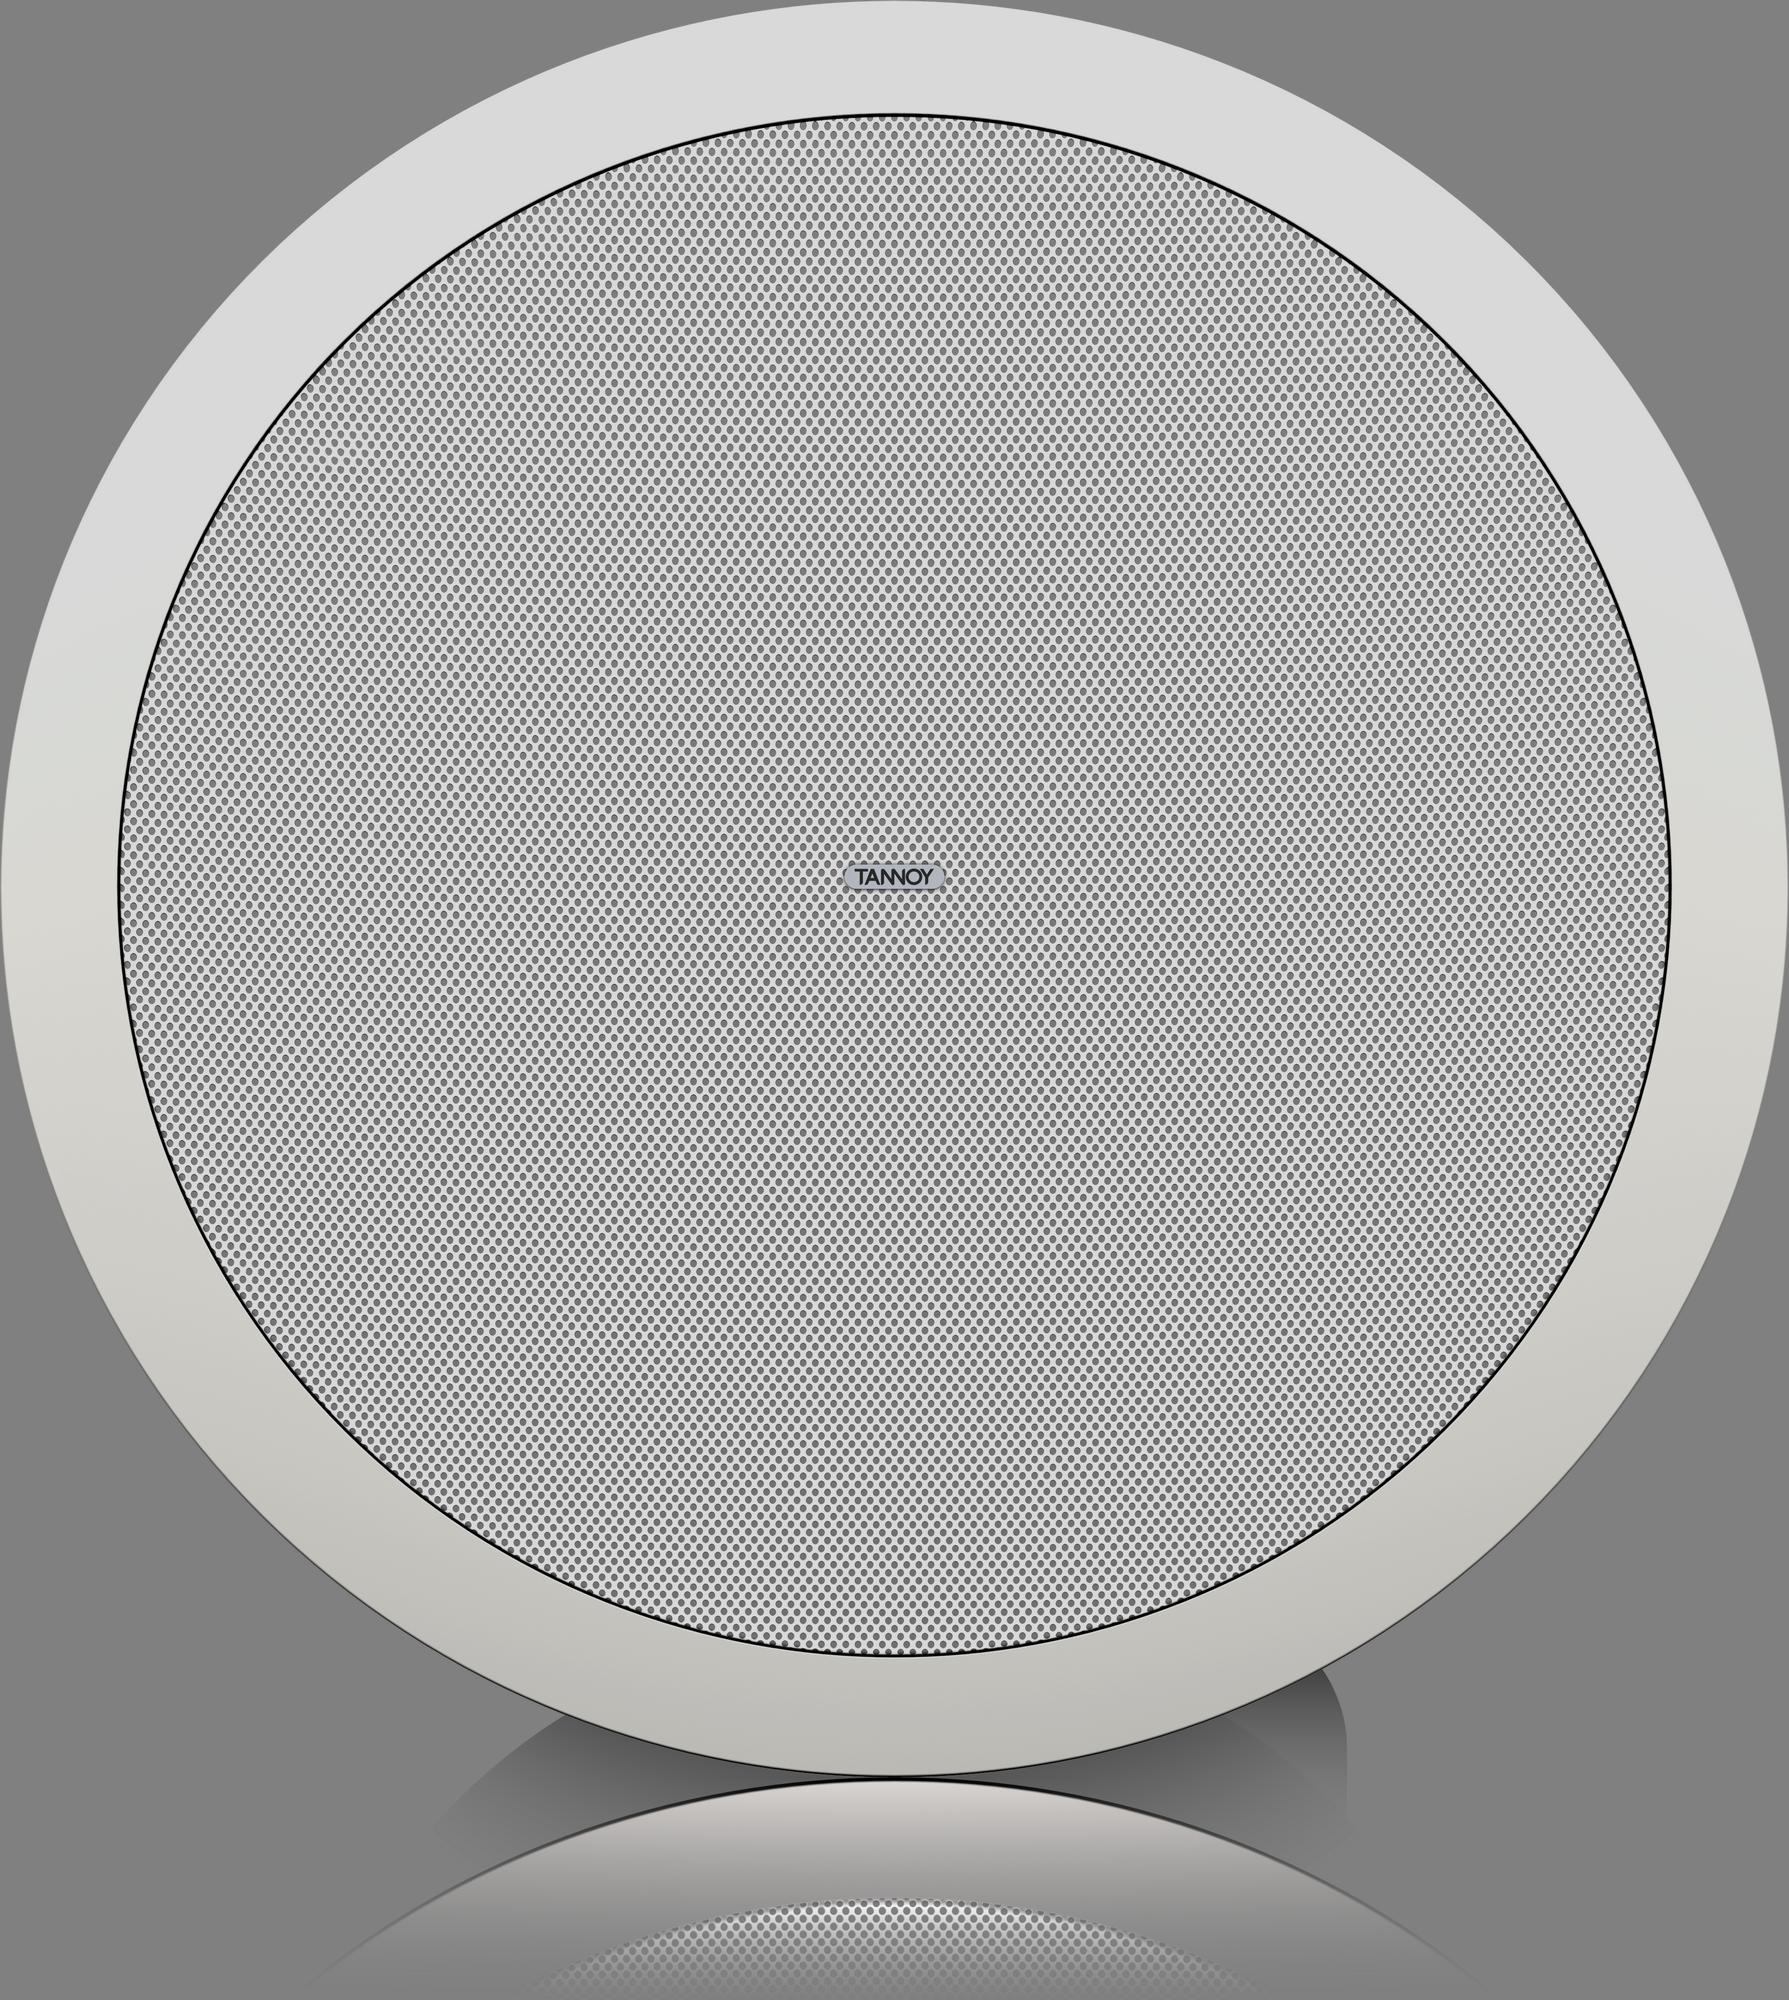 Tannoy  Tannoy - B-stock - CVS 8 - ceiling speakerset